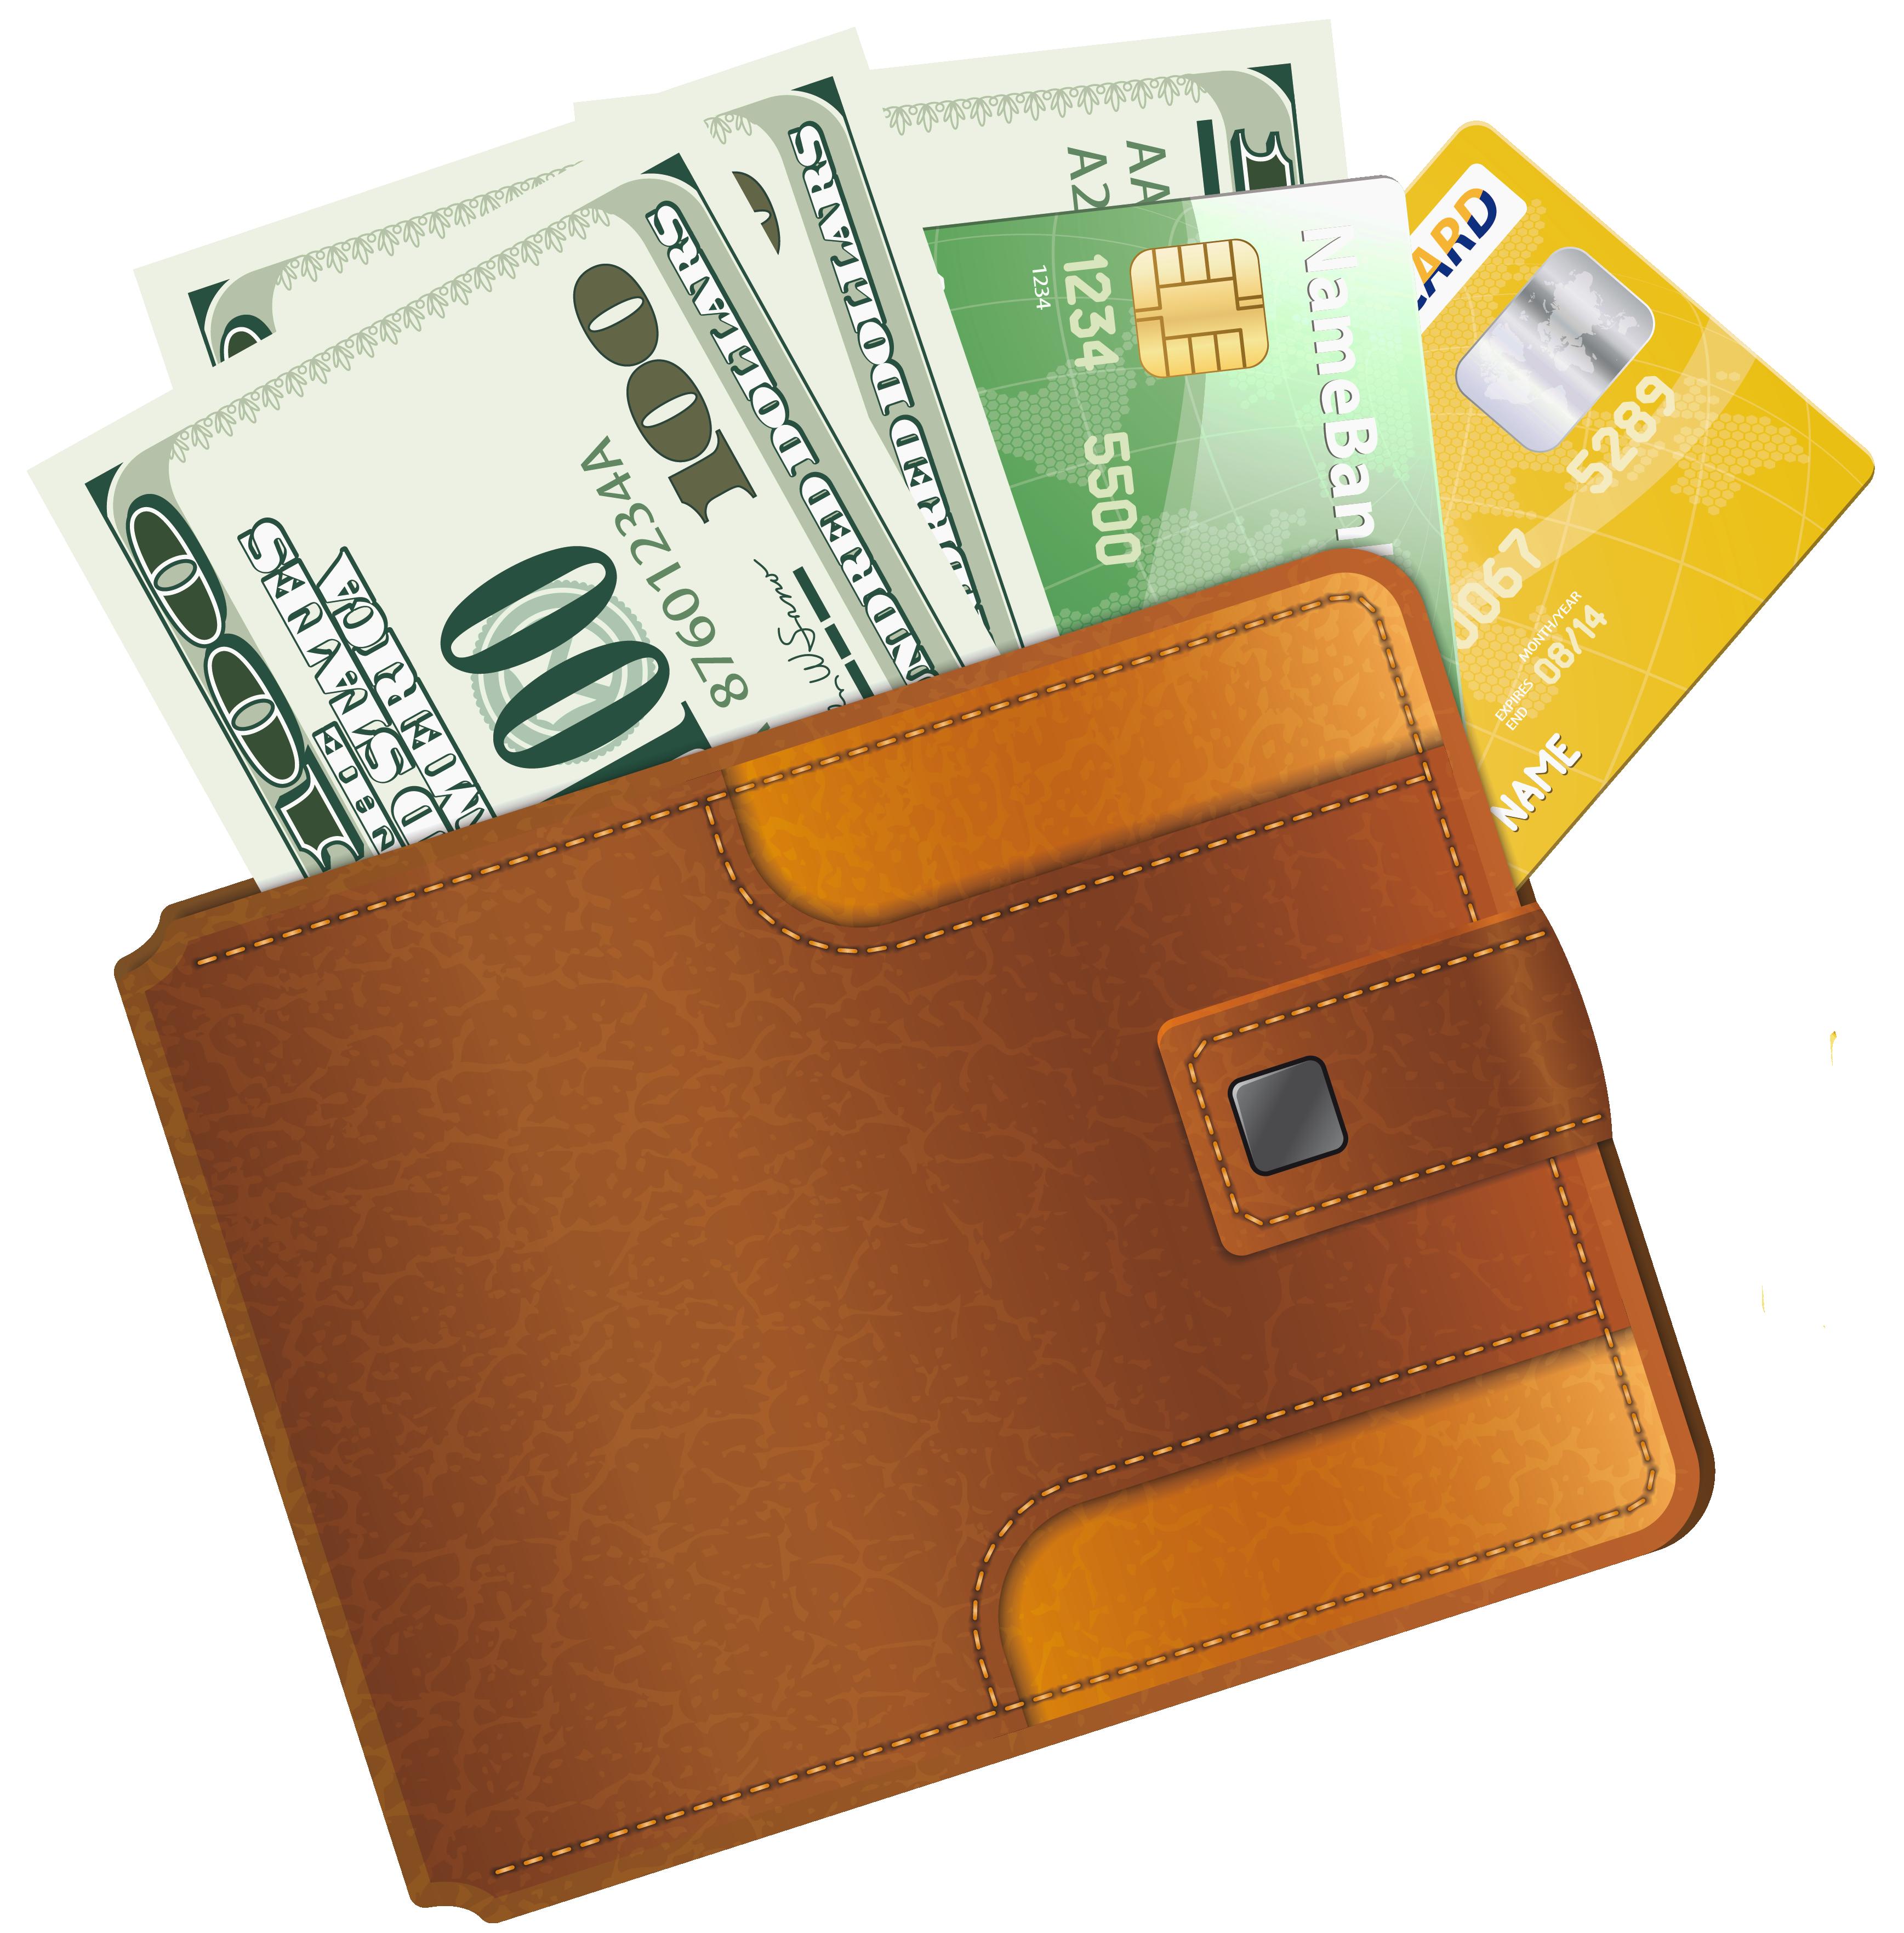 Money In Wallet Clipart.